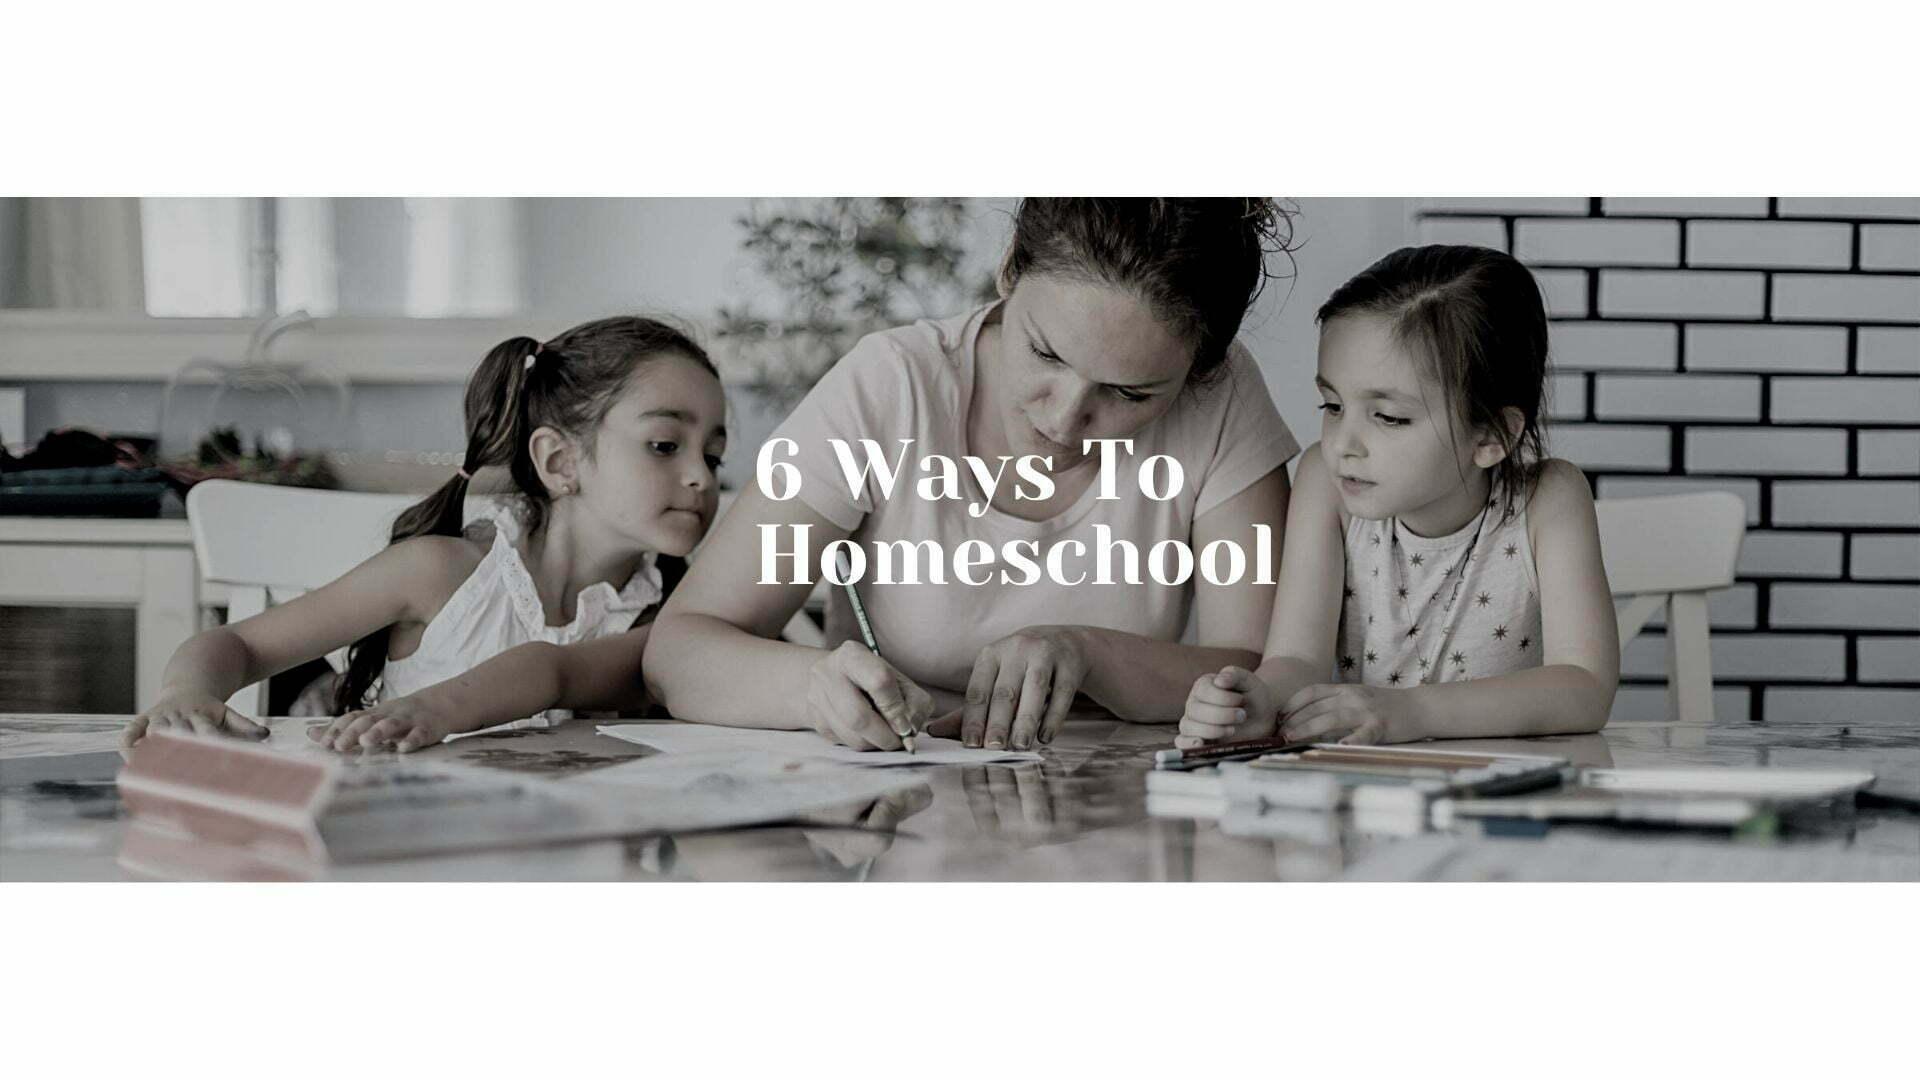 6 Ways to Homeschool